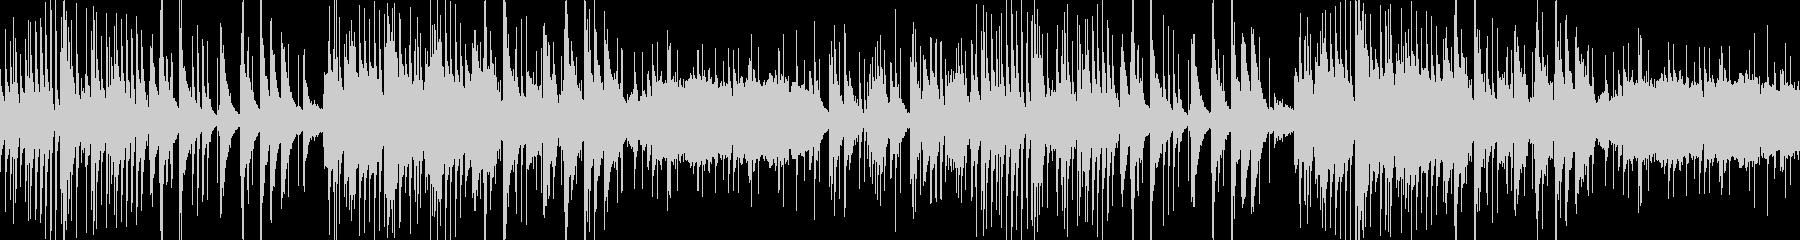 琴と和楽器による 切ない和風ループの未再生の波形